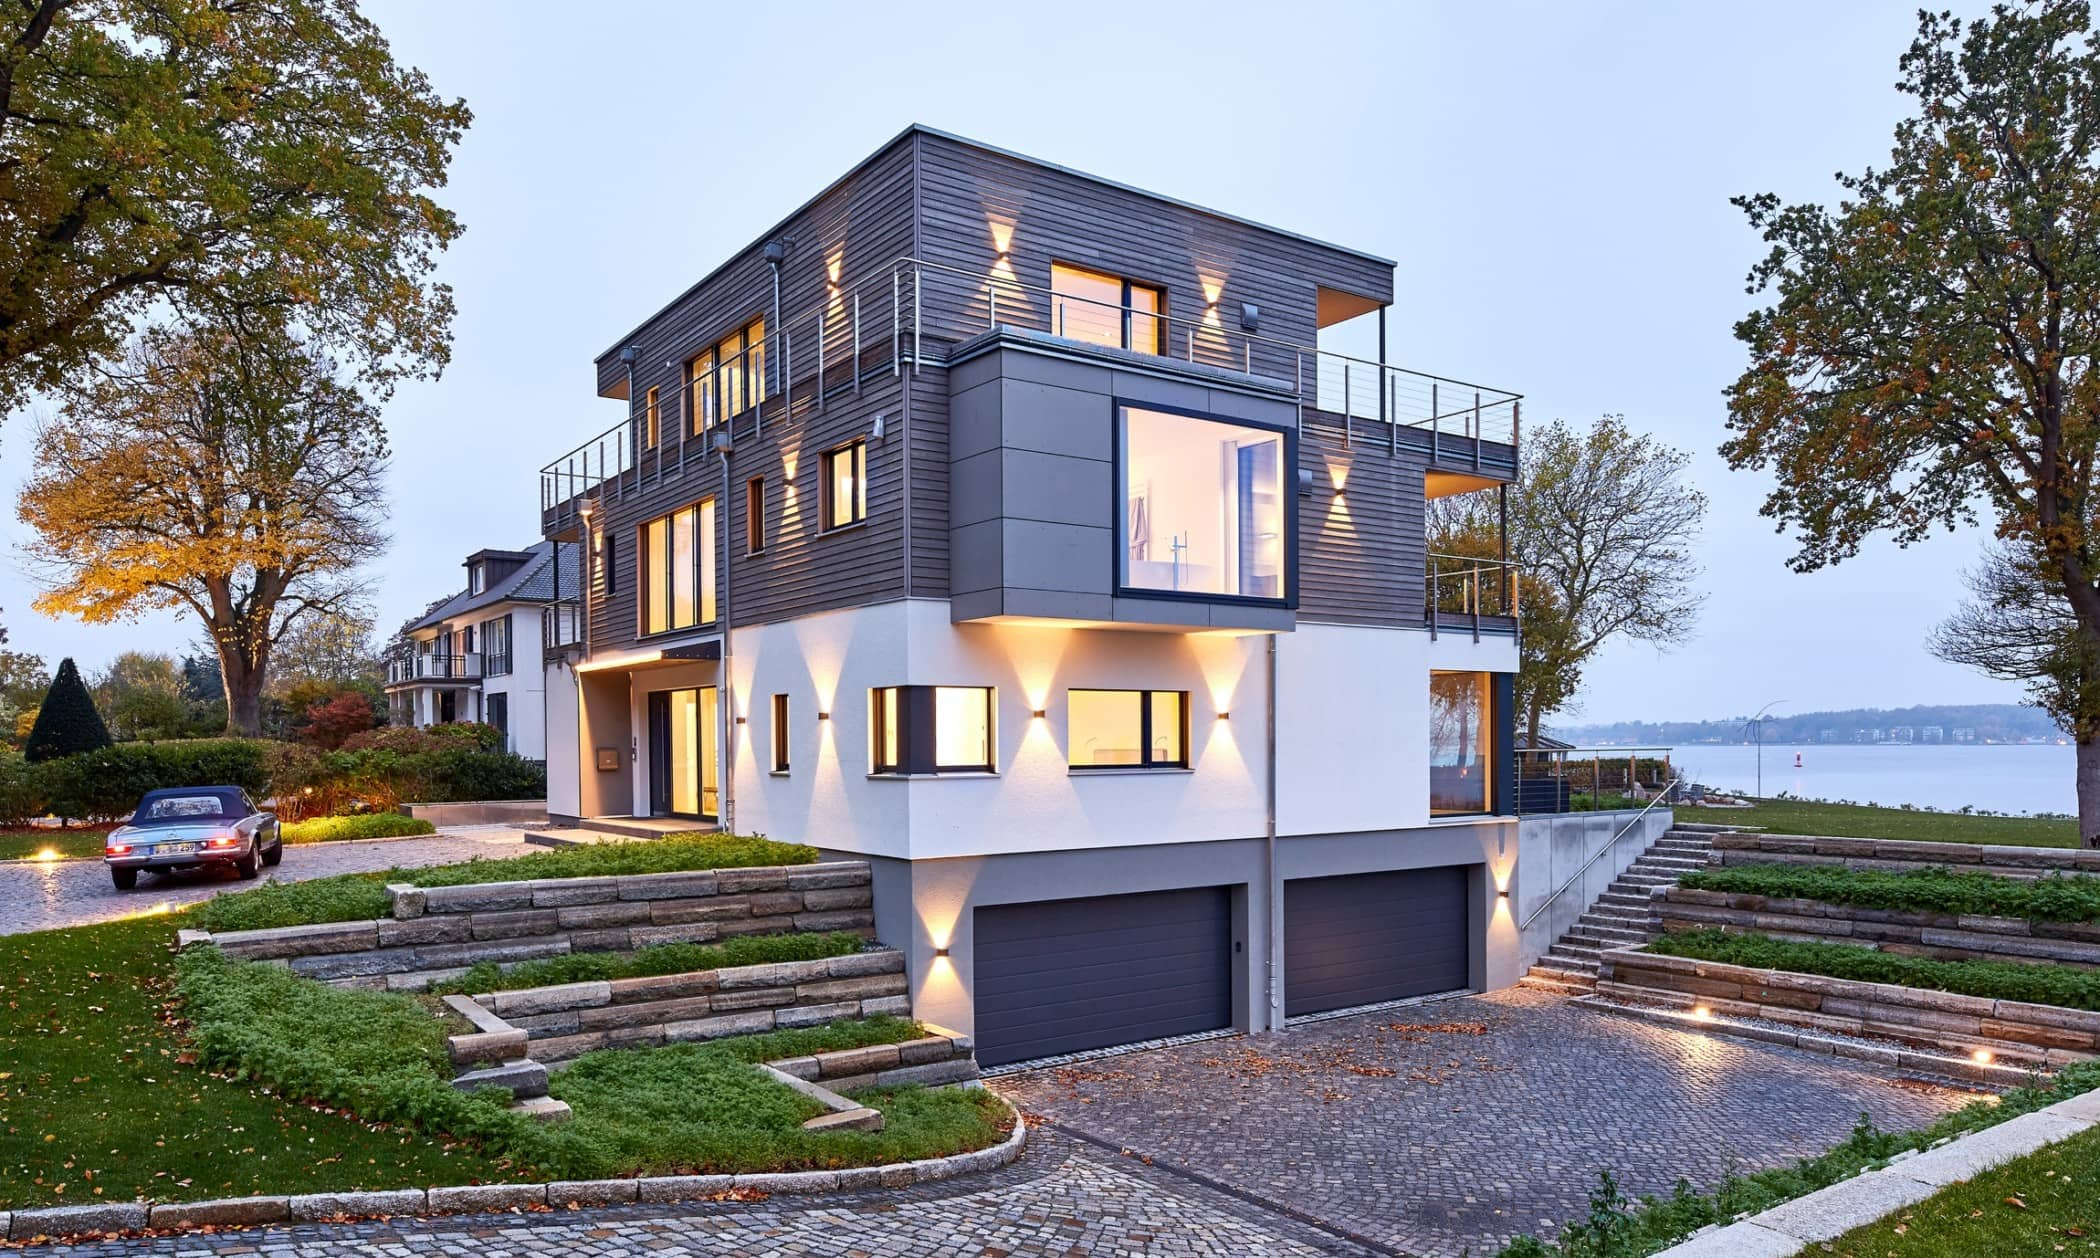 Einfamilienhaus Neubau modern im Bauhausstil mit Flachdach Architektur & Holz Putz Fassade - Haus bauen Ideen BAUFRITZ Architektenhaus MEHRBLICK - HausbauDirekt.de